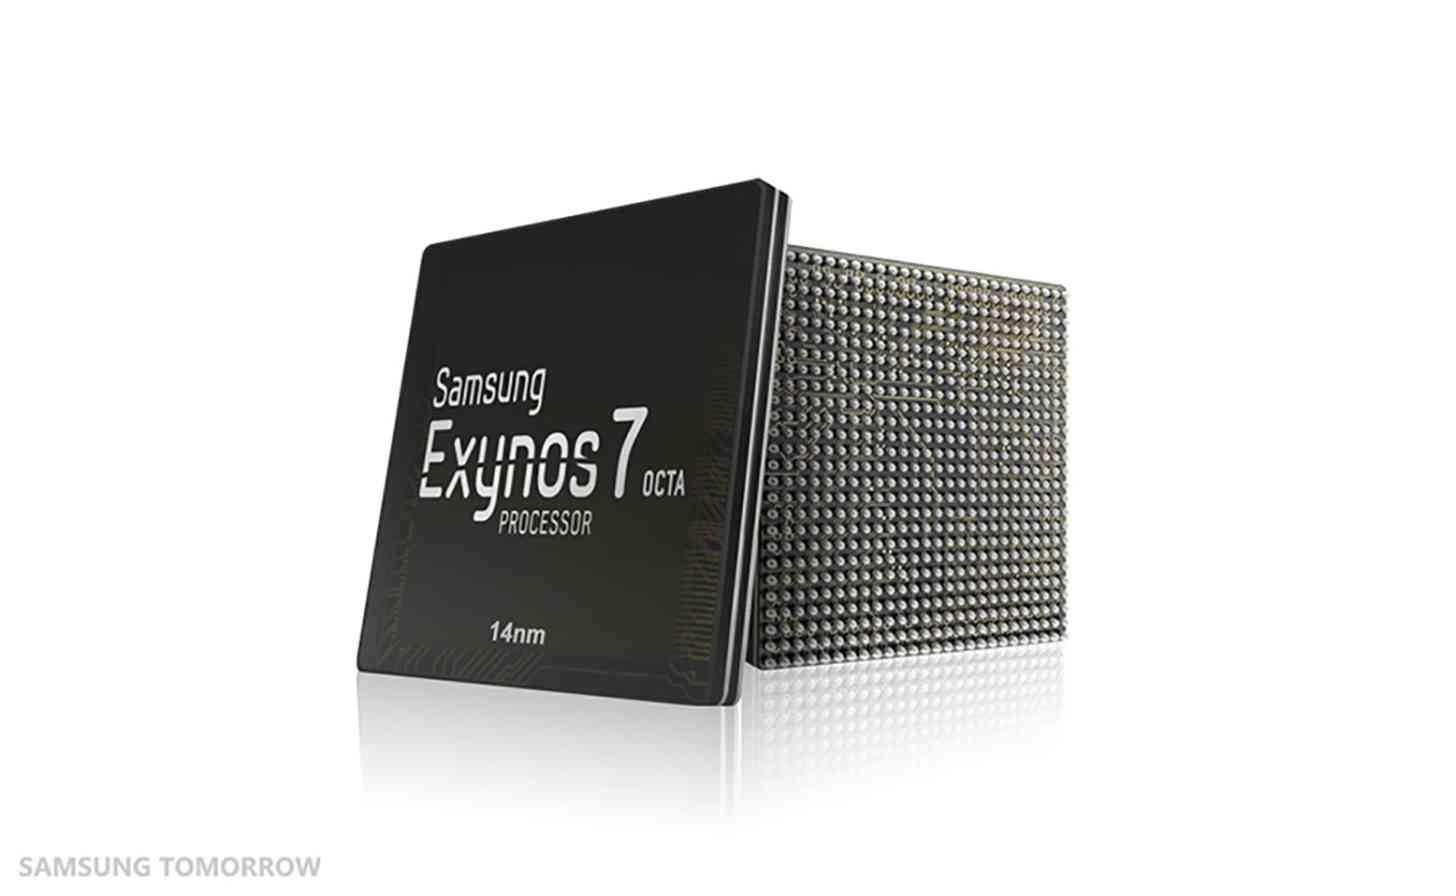 Samsung Exynos 7 Octa 14nm processor